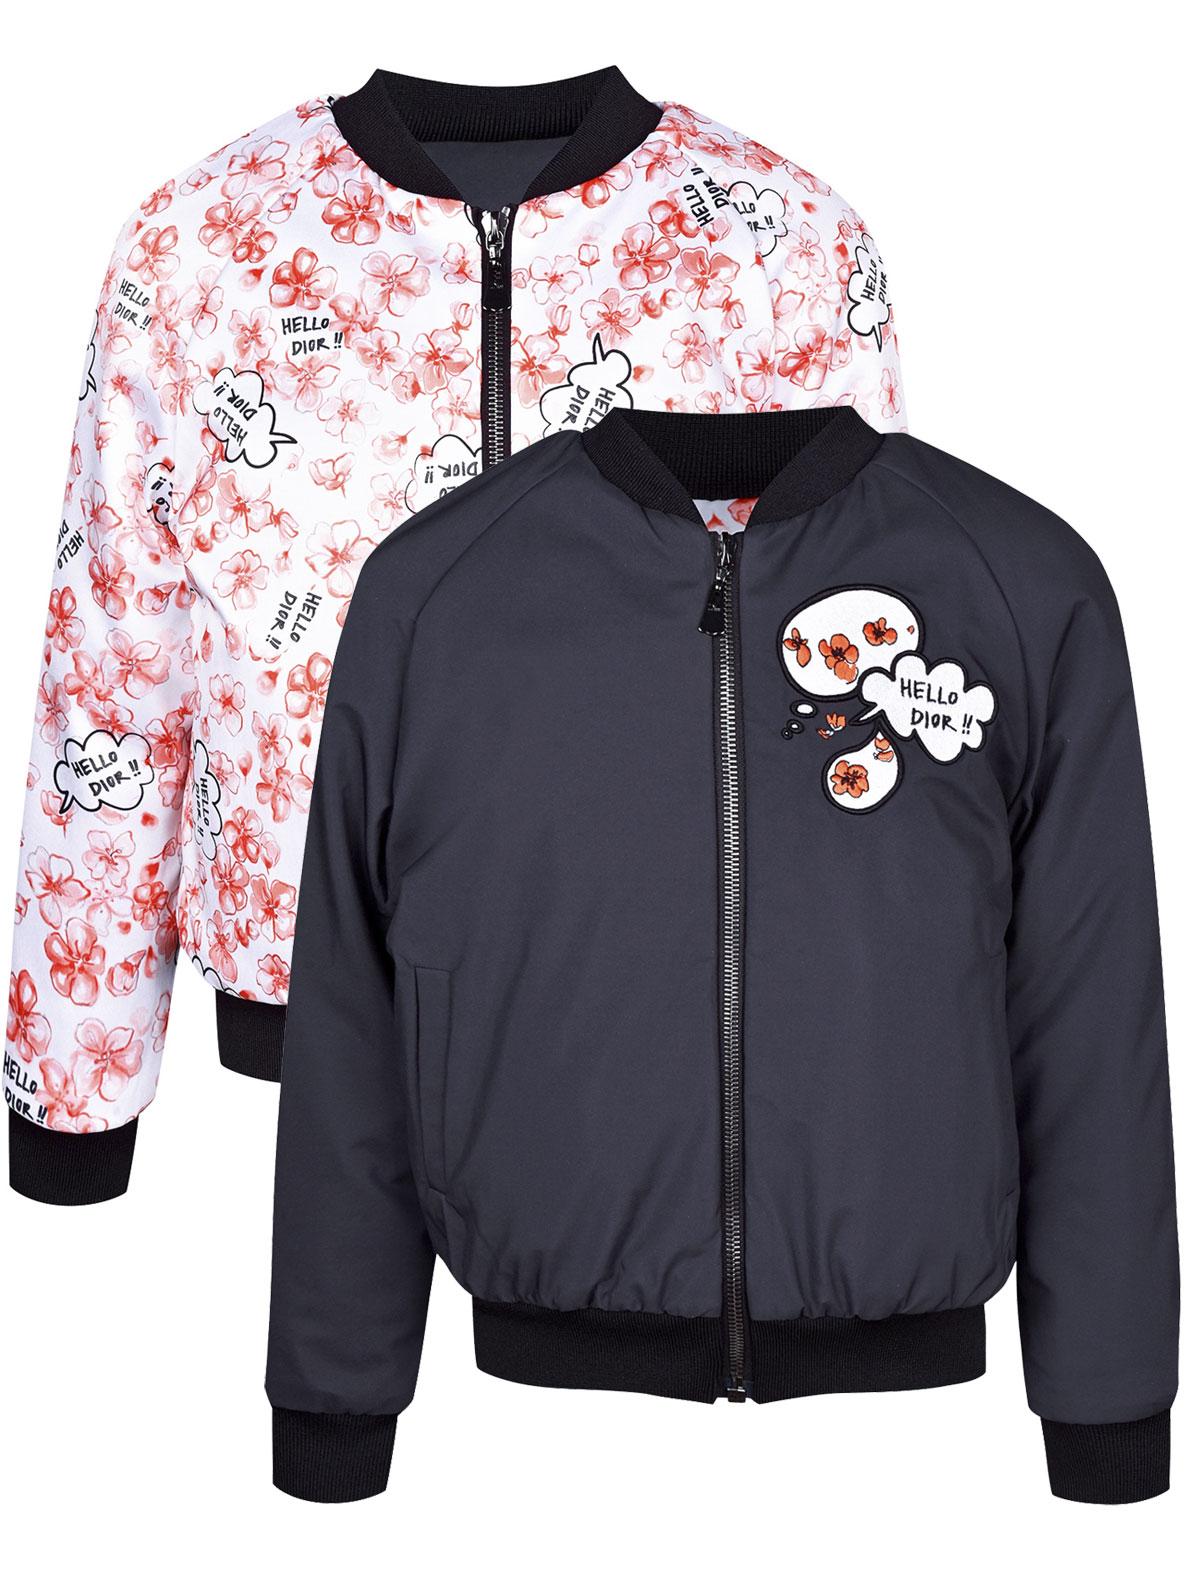 Купить 1955456, Куртка Dior, разноцветный, Женский, 1073009970116